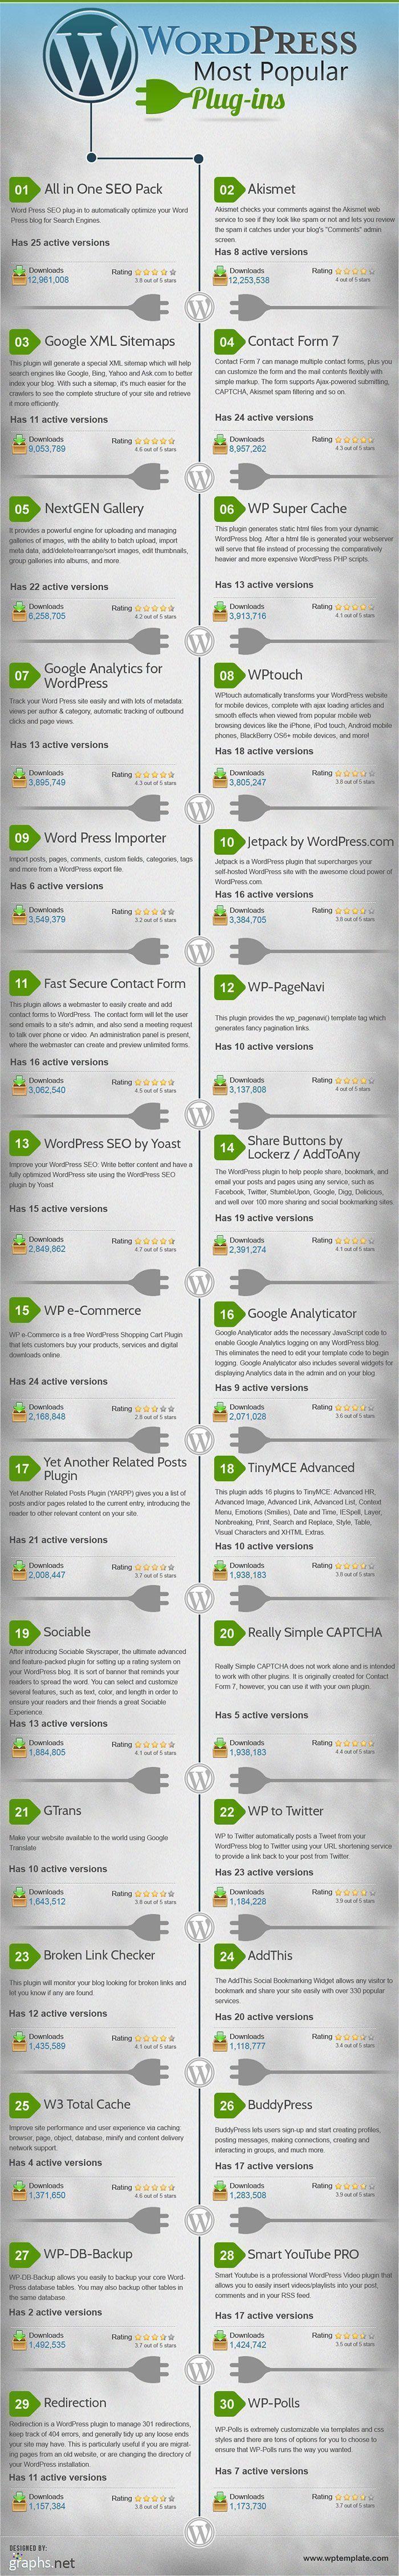 Las mejores extensiones de WordPress